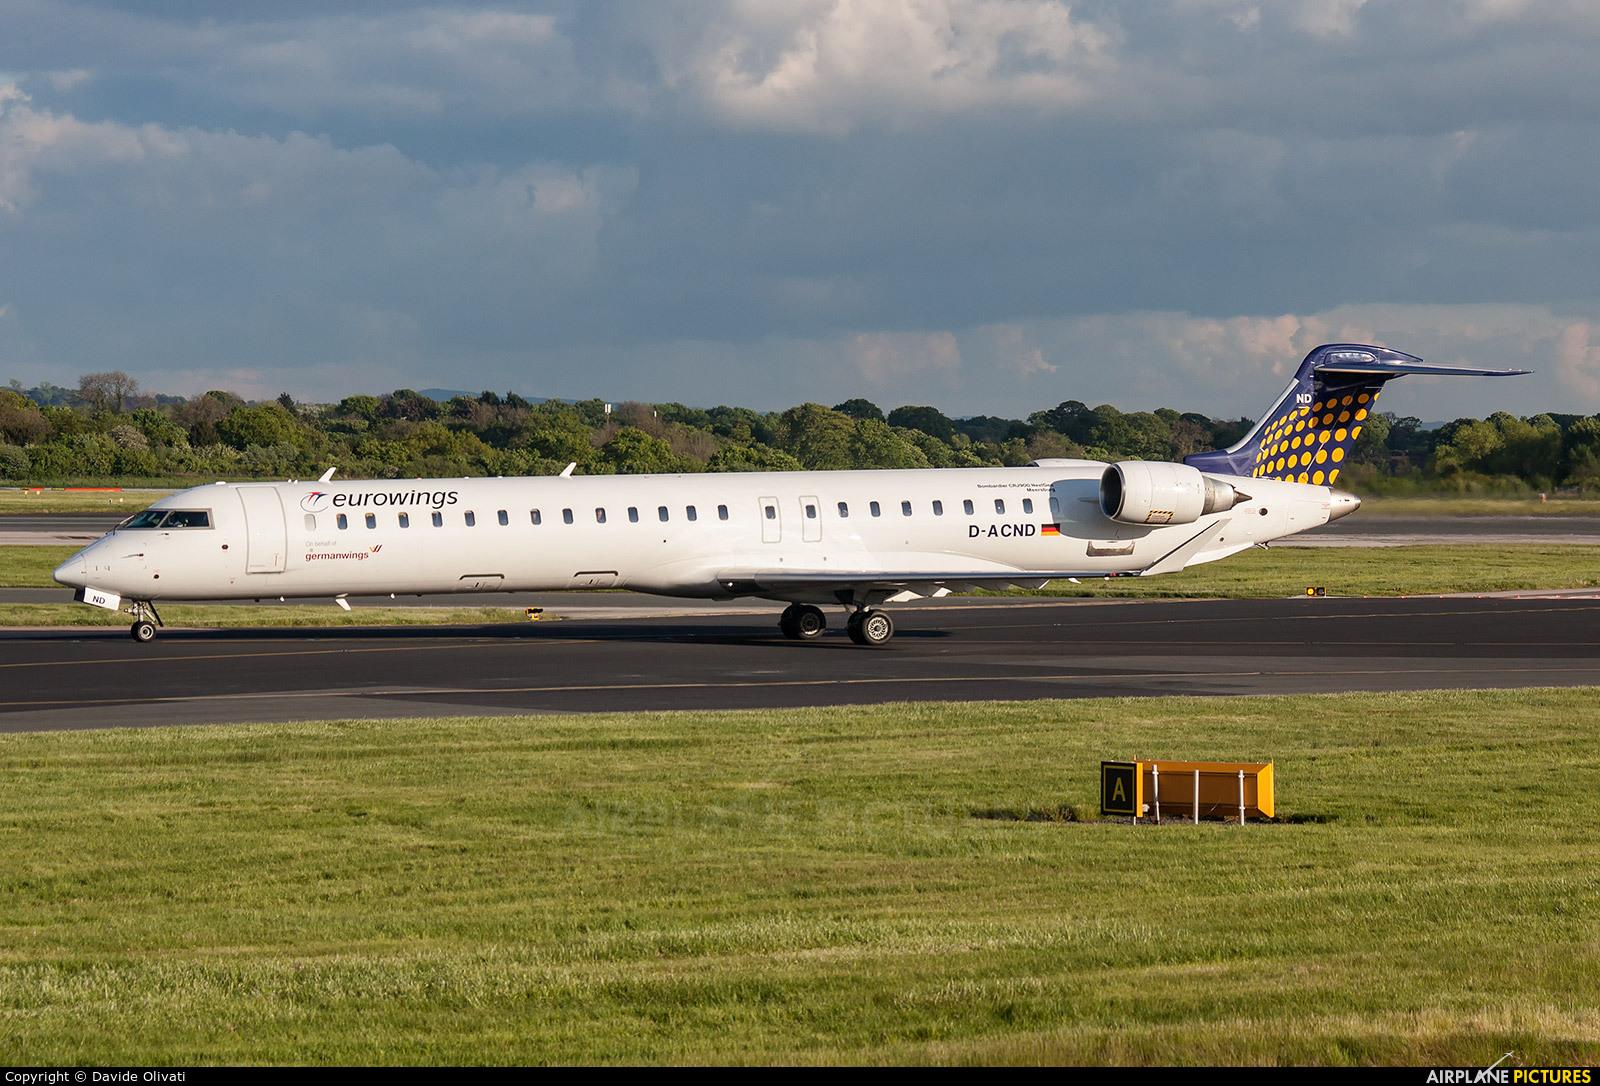 Lufthansa Regional - CityLine D-ACND aircraft at Manchester